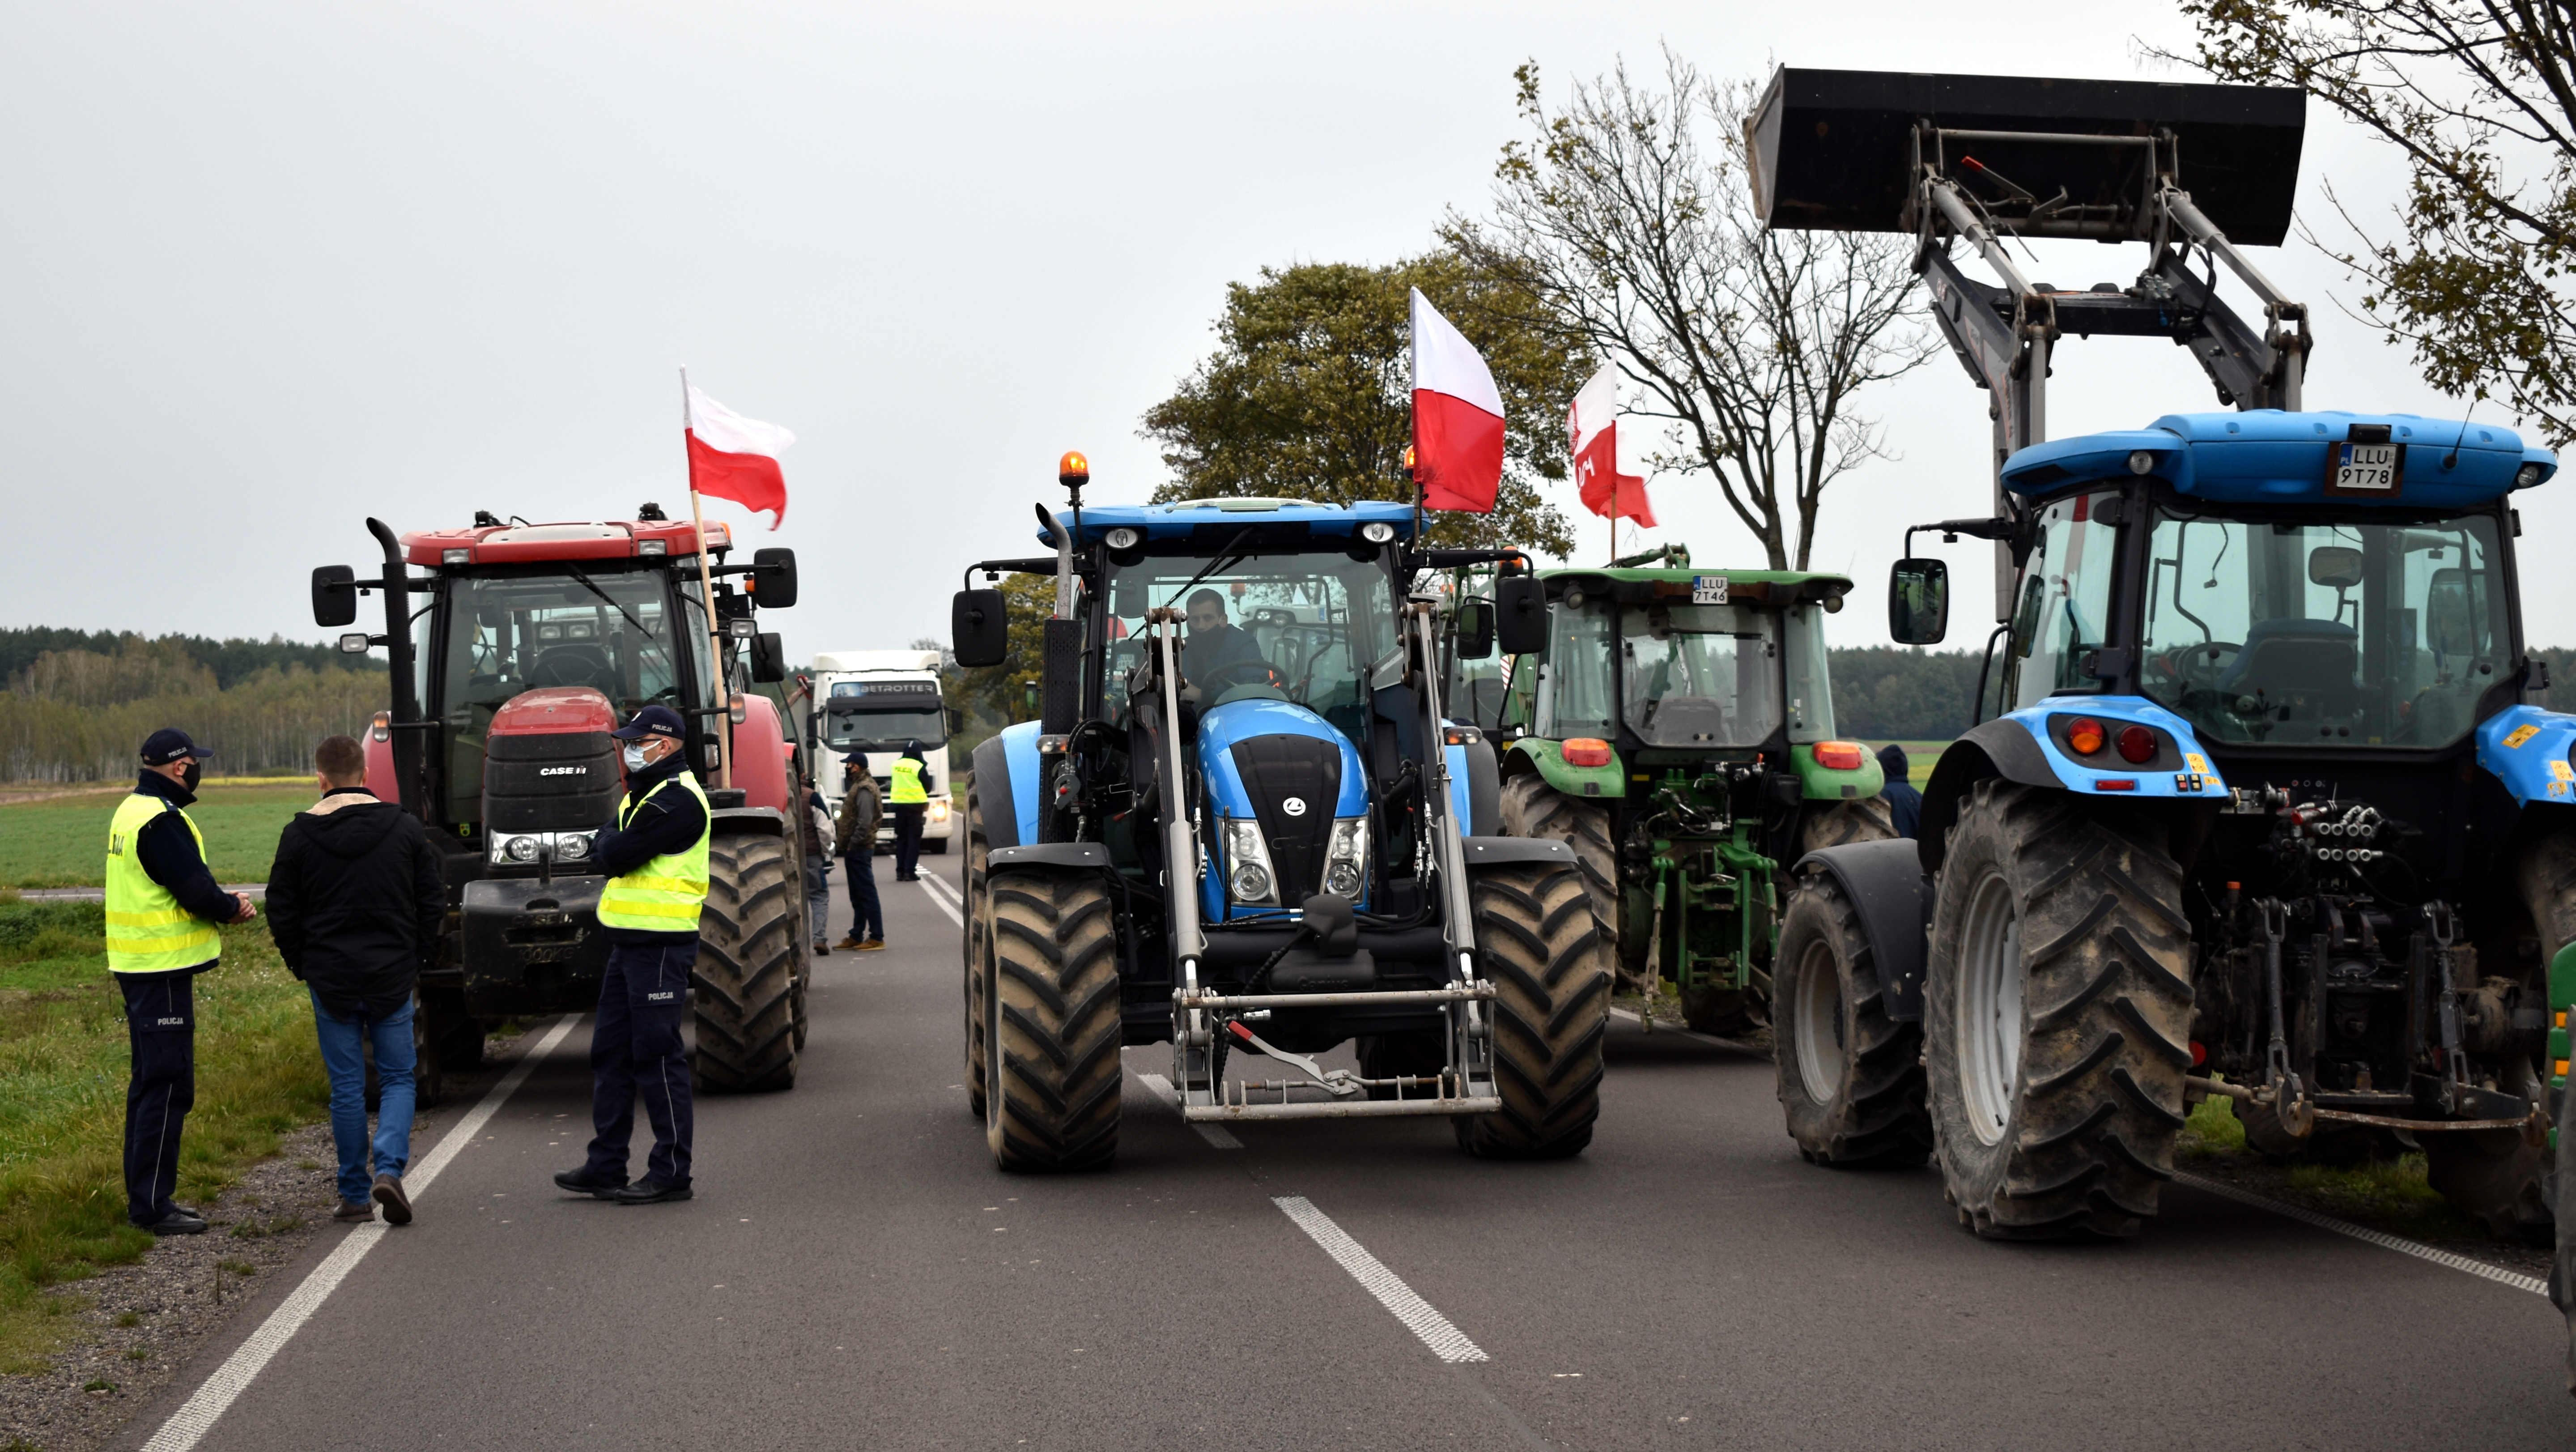 Trwają protesty rolników  w powiecie (WIDEO i ZDJĘCIA) - Zdjęcie główne